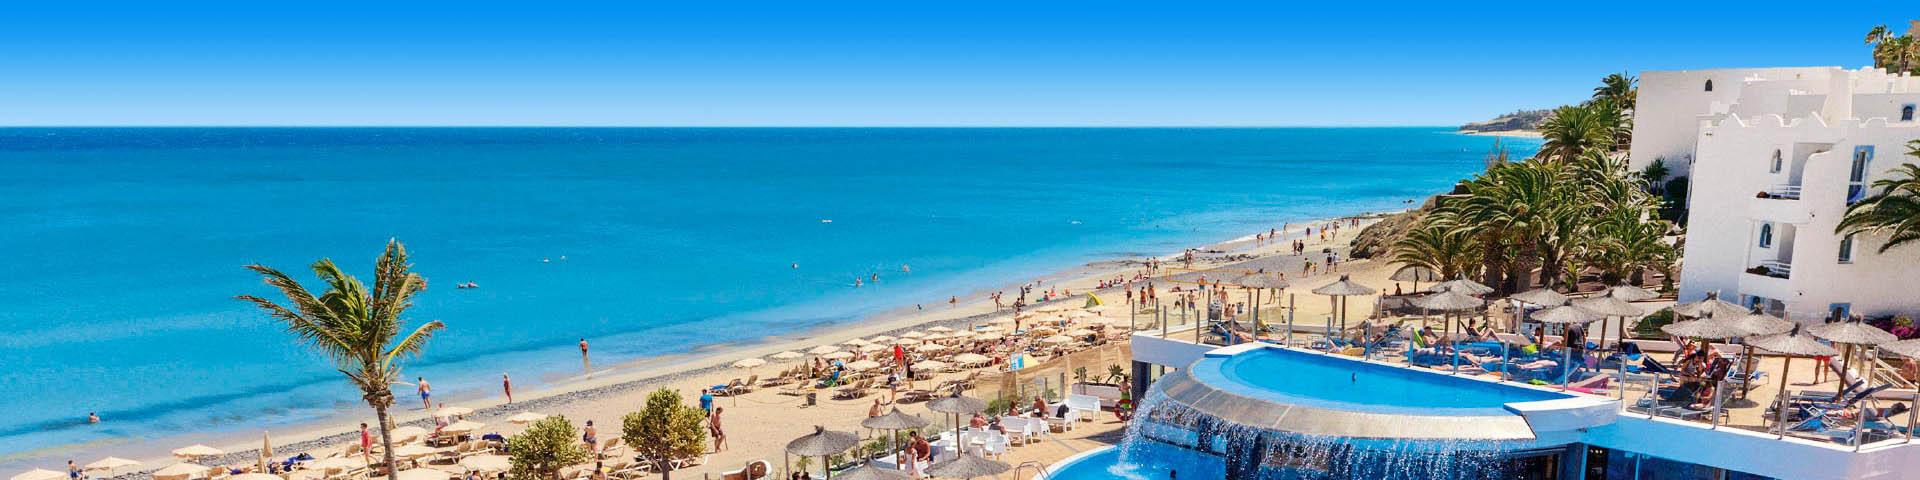 Allsun Barlovento hotel op Fuerteventura